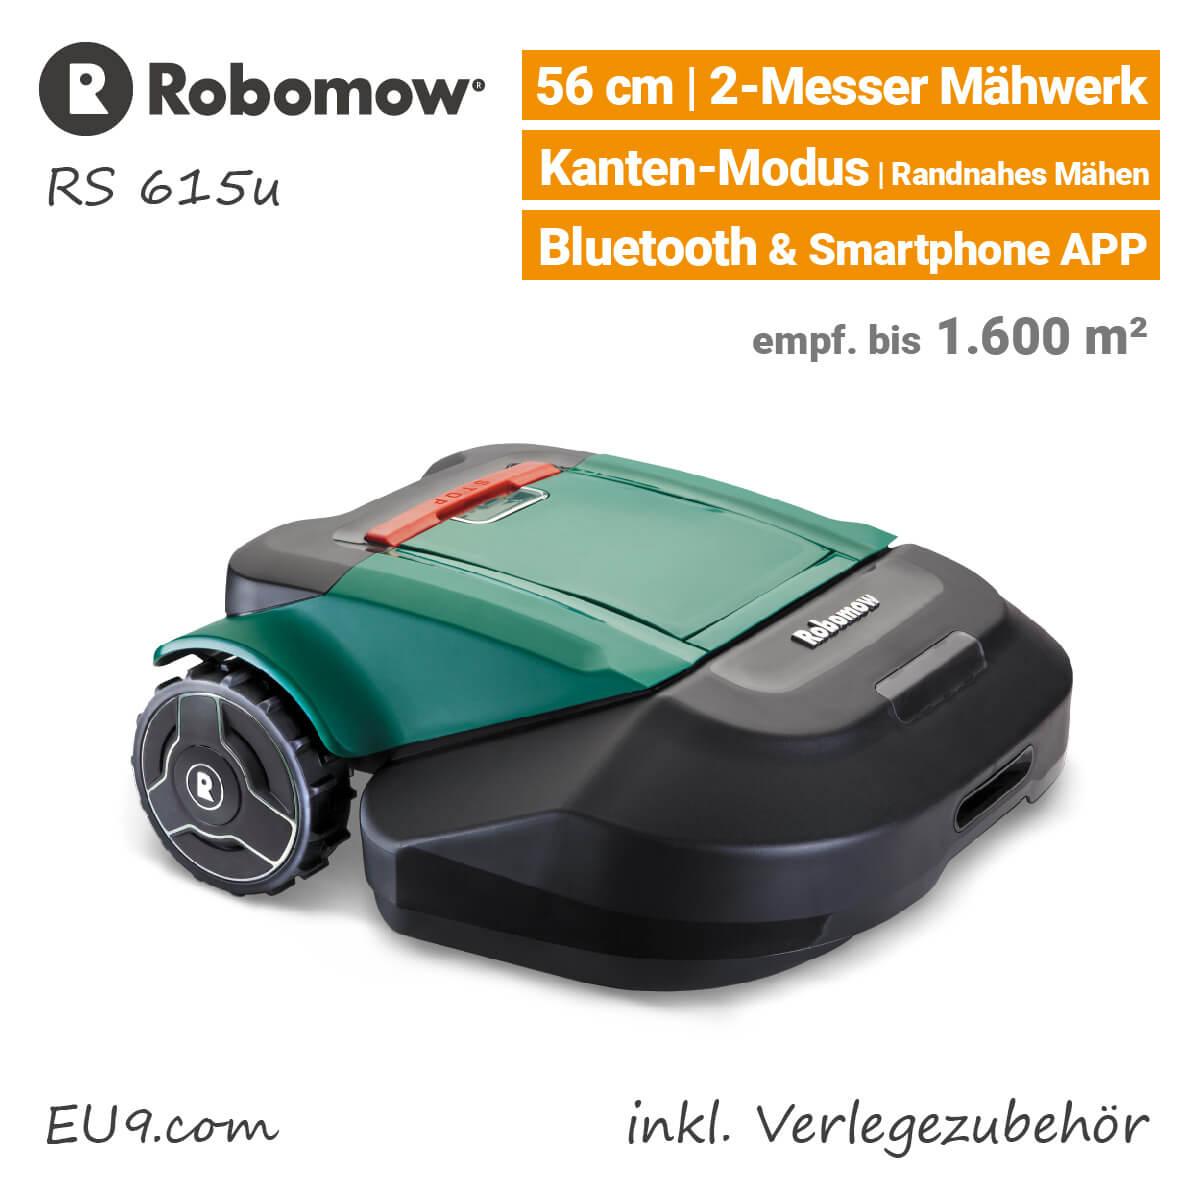 neu 2018 robomow rs615 u rasenroboter mit zubeh r kaufen. Black Bedroom Furniture Sets. Home Design Ideas